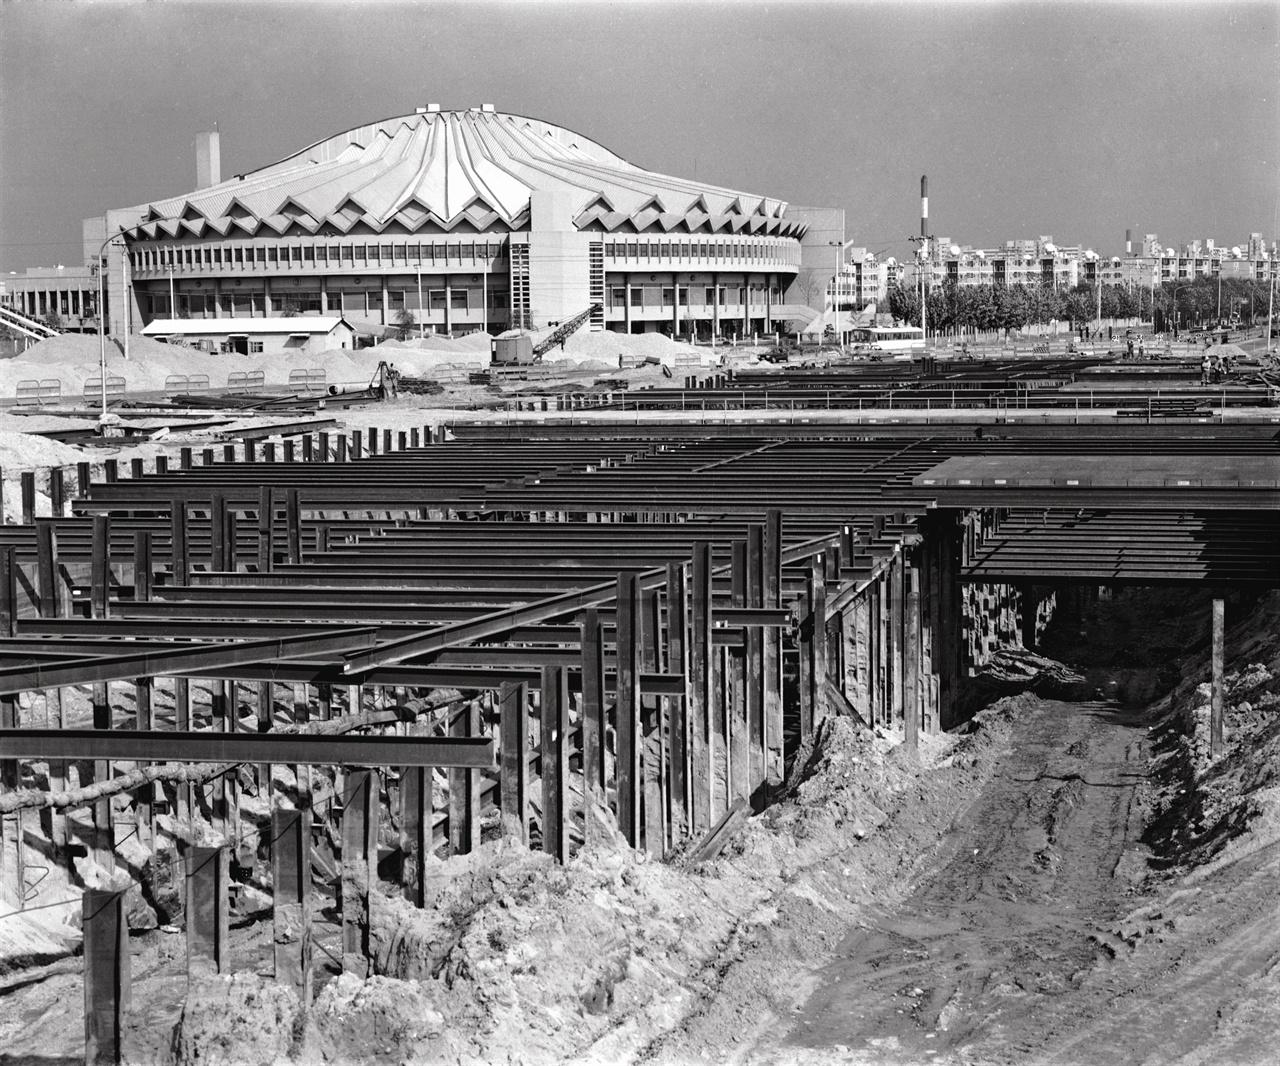 지하철 2호선 건설 공사 현장과 잠실학생체육관 지하철 2호선이 완전 개통(1984)되면서 강남은 빠르게 발전한다.